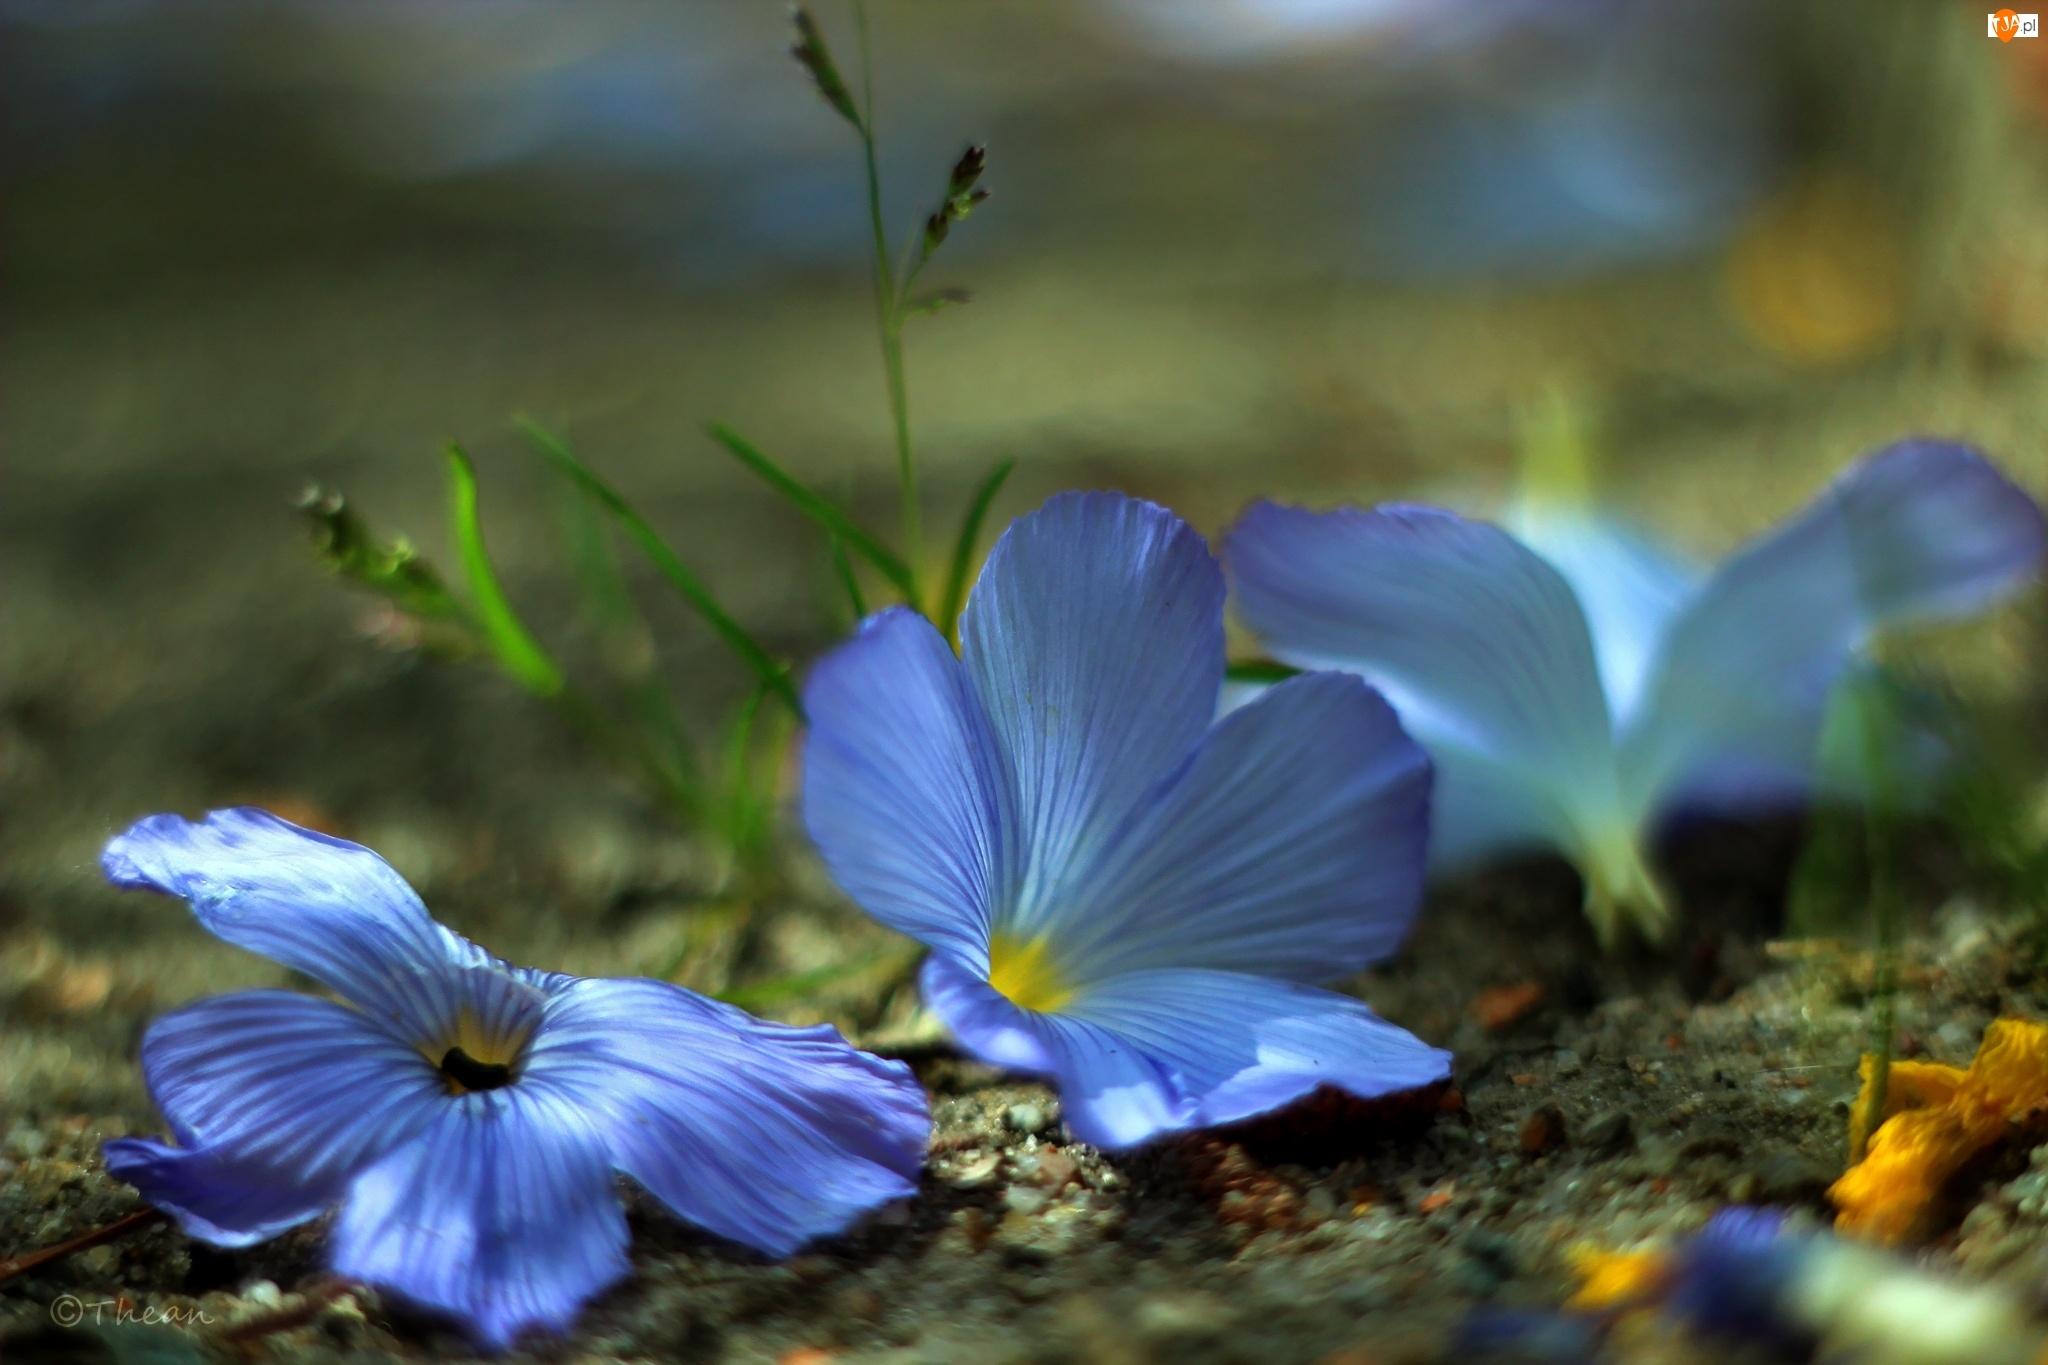 Fioletowe, Len włochaty, Kwiaty, Dzwonki